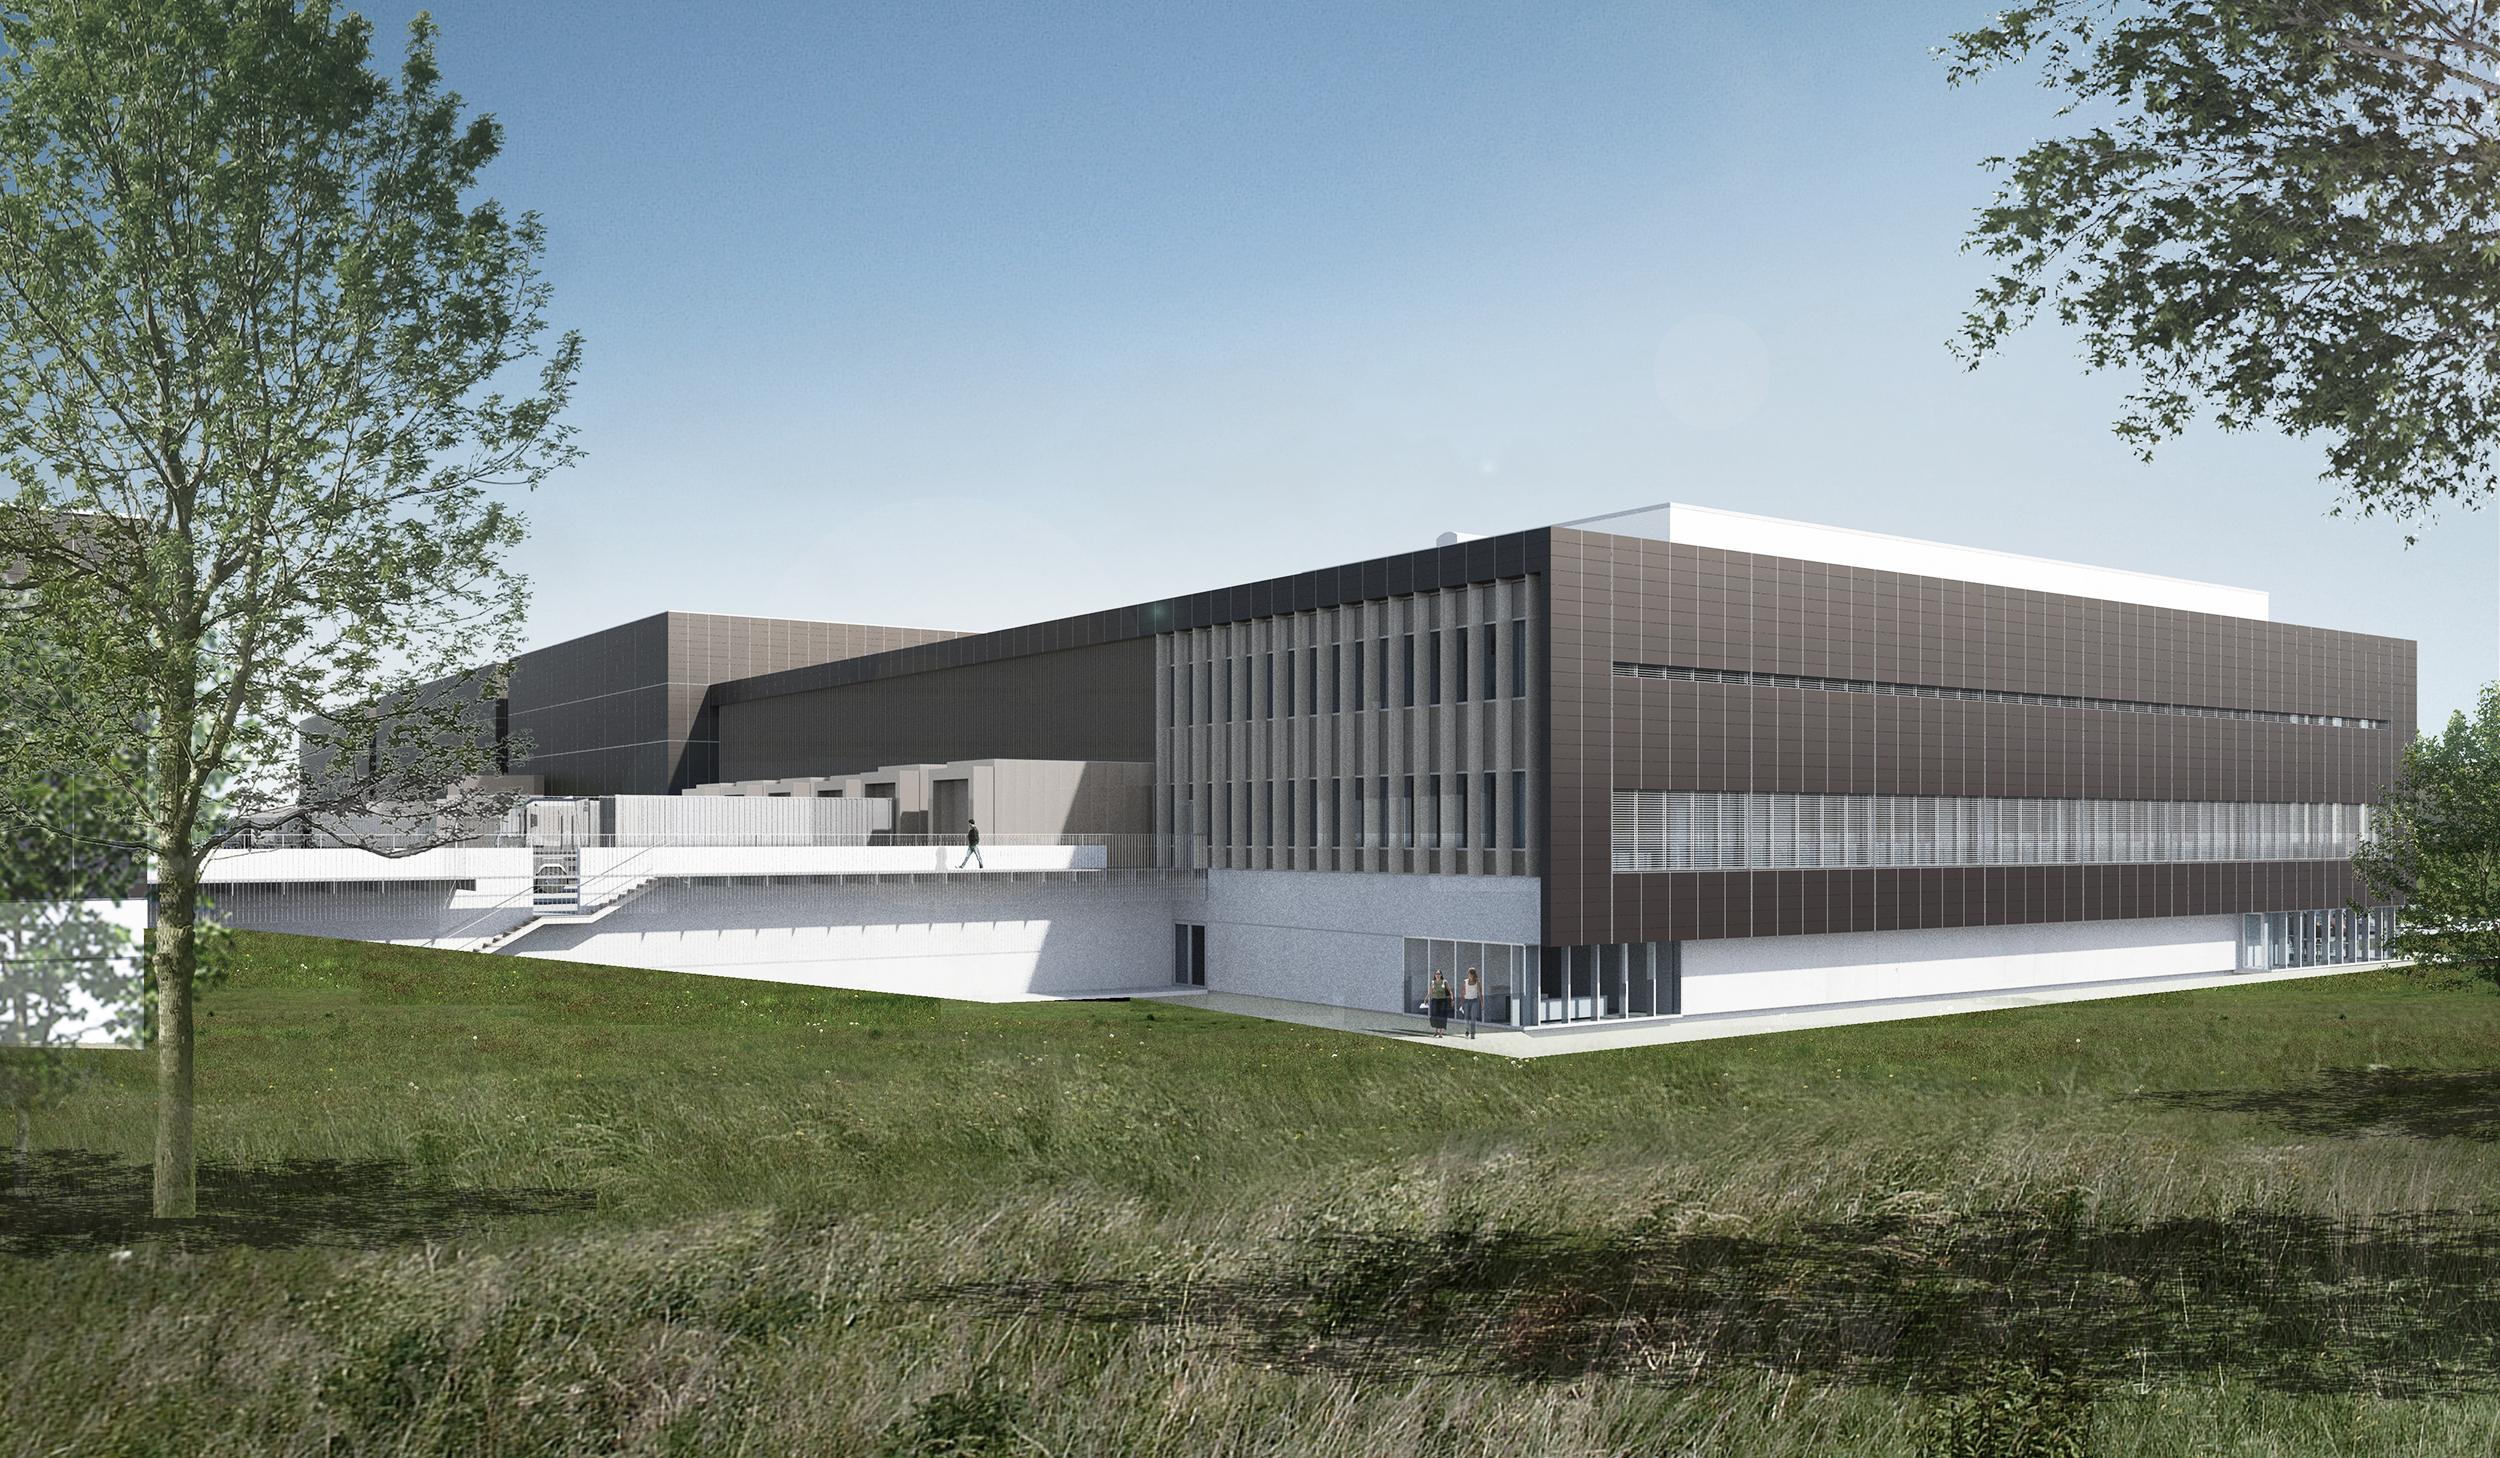 dw-nn-ps-warehouse-facade_2500px.jpg